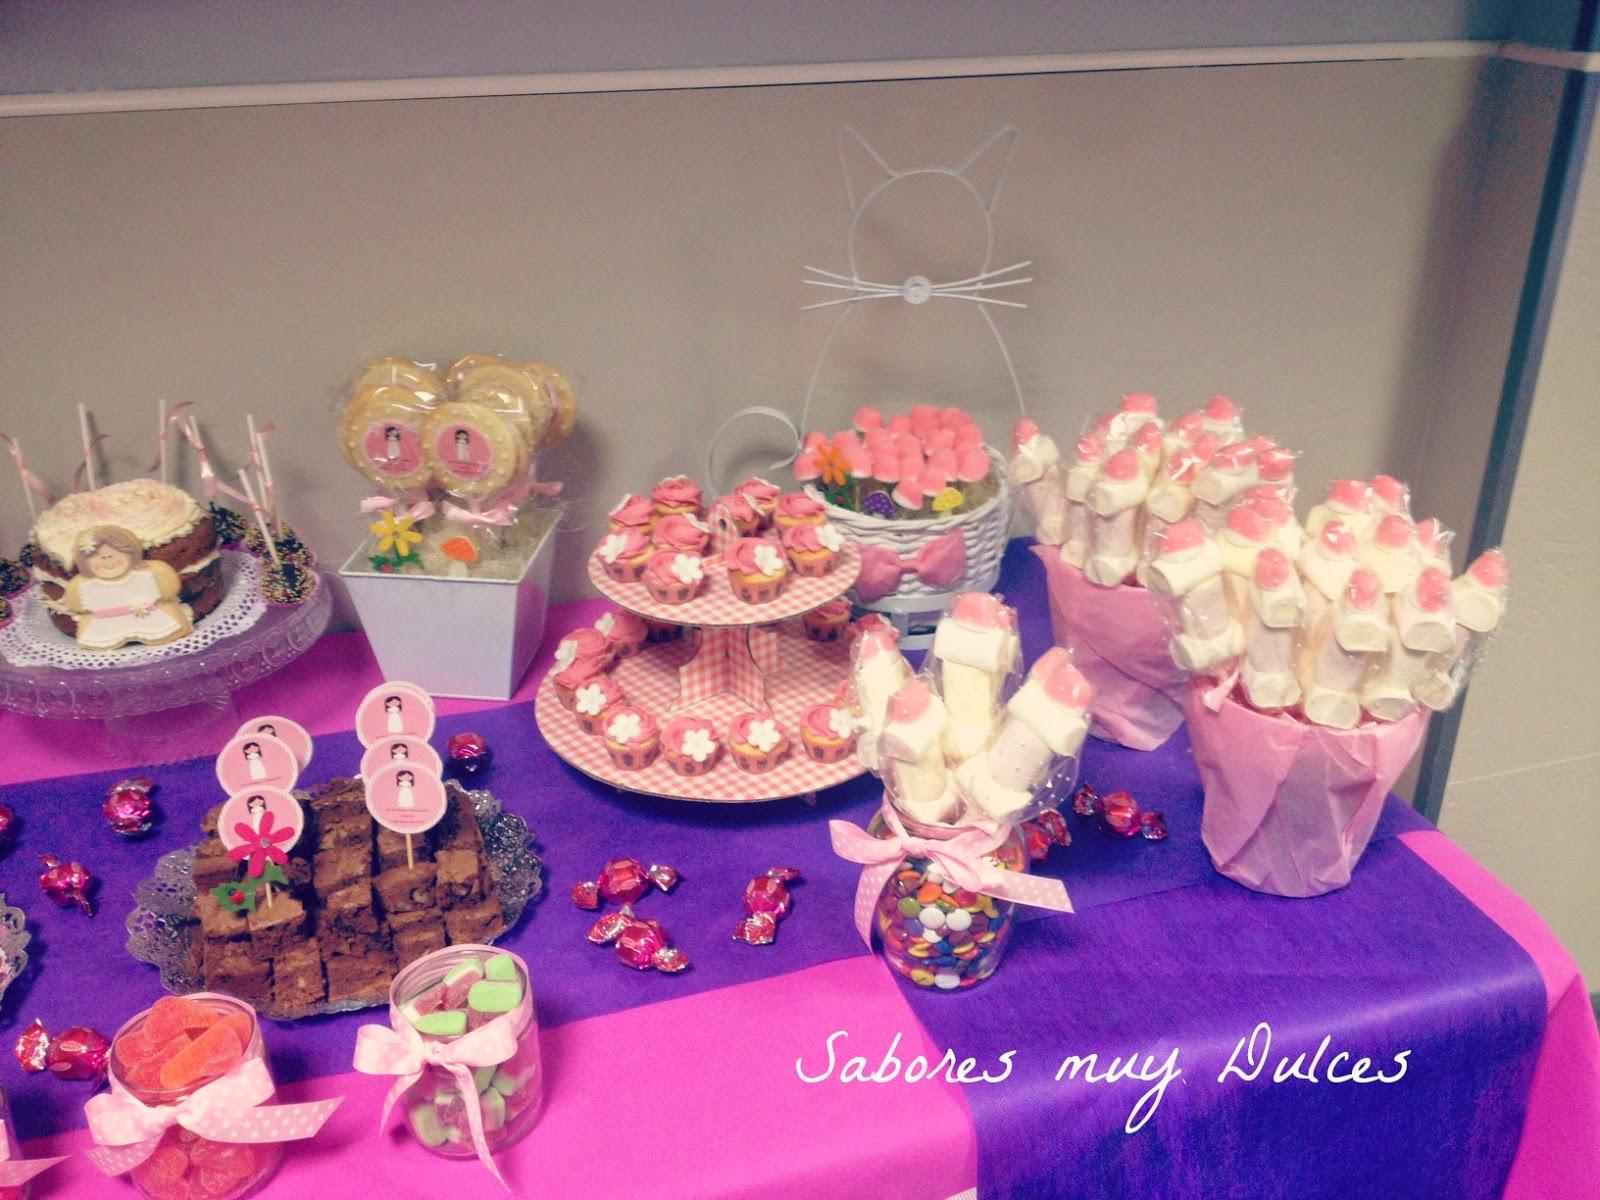 Sabores muy dulces mesa dulce y tarta de comuni n para andrea - Mesas para comuniones ...